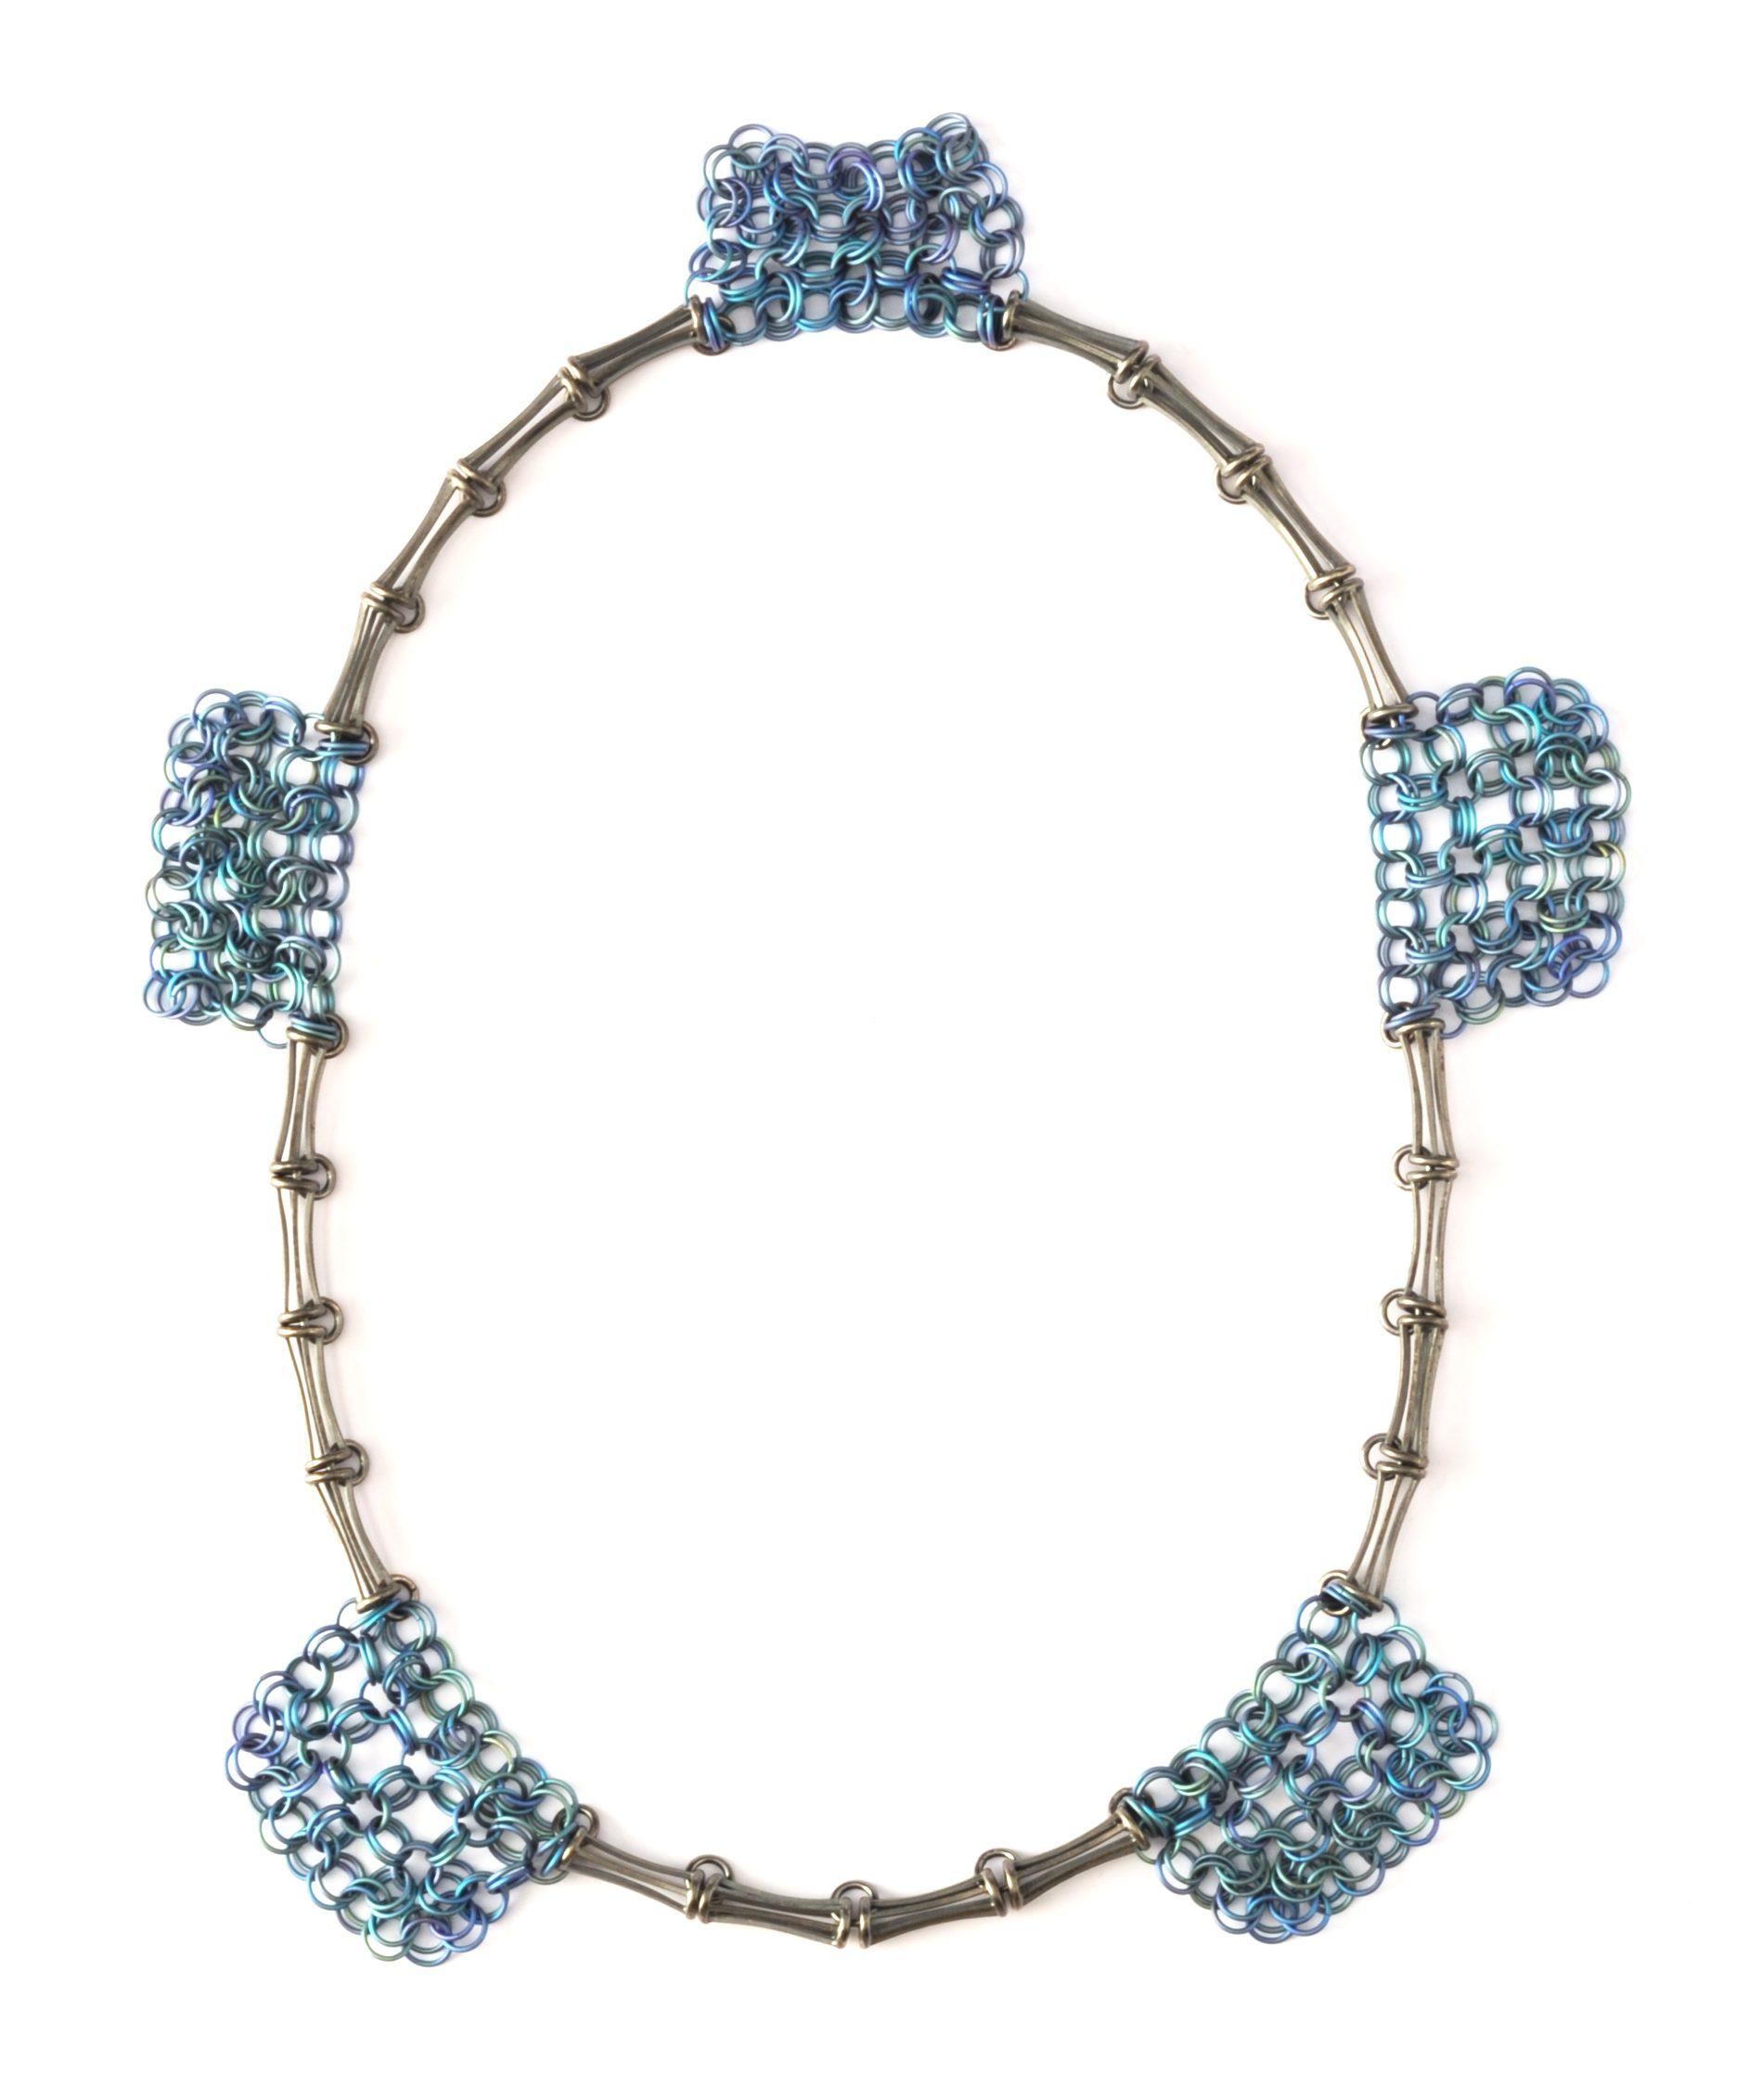 Carlier Makigawa, 505, halssieraad, zilver, titanium